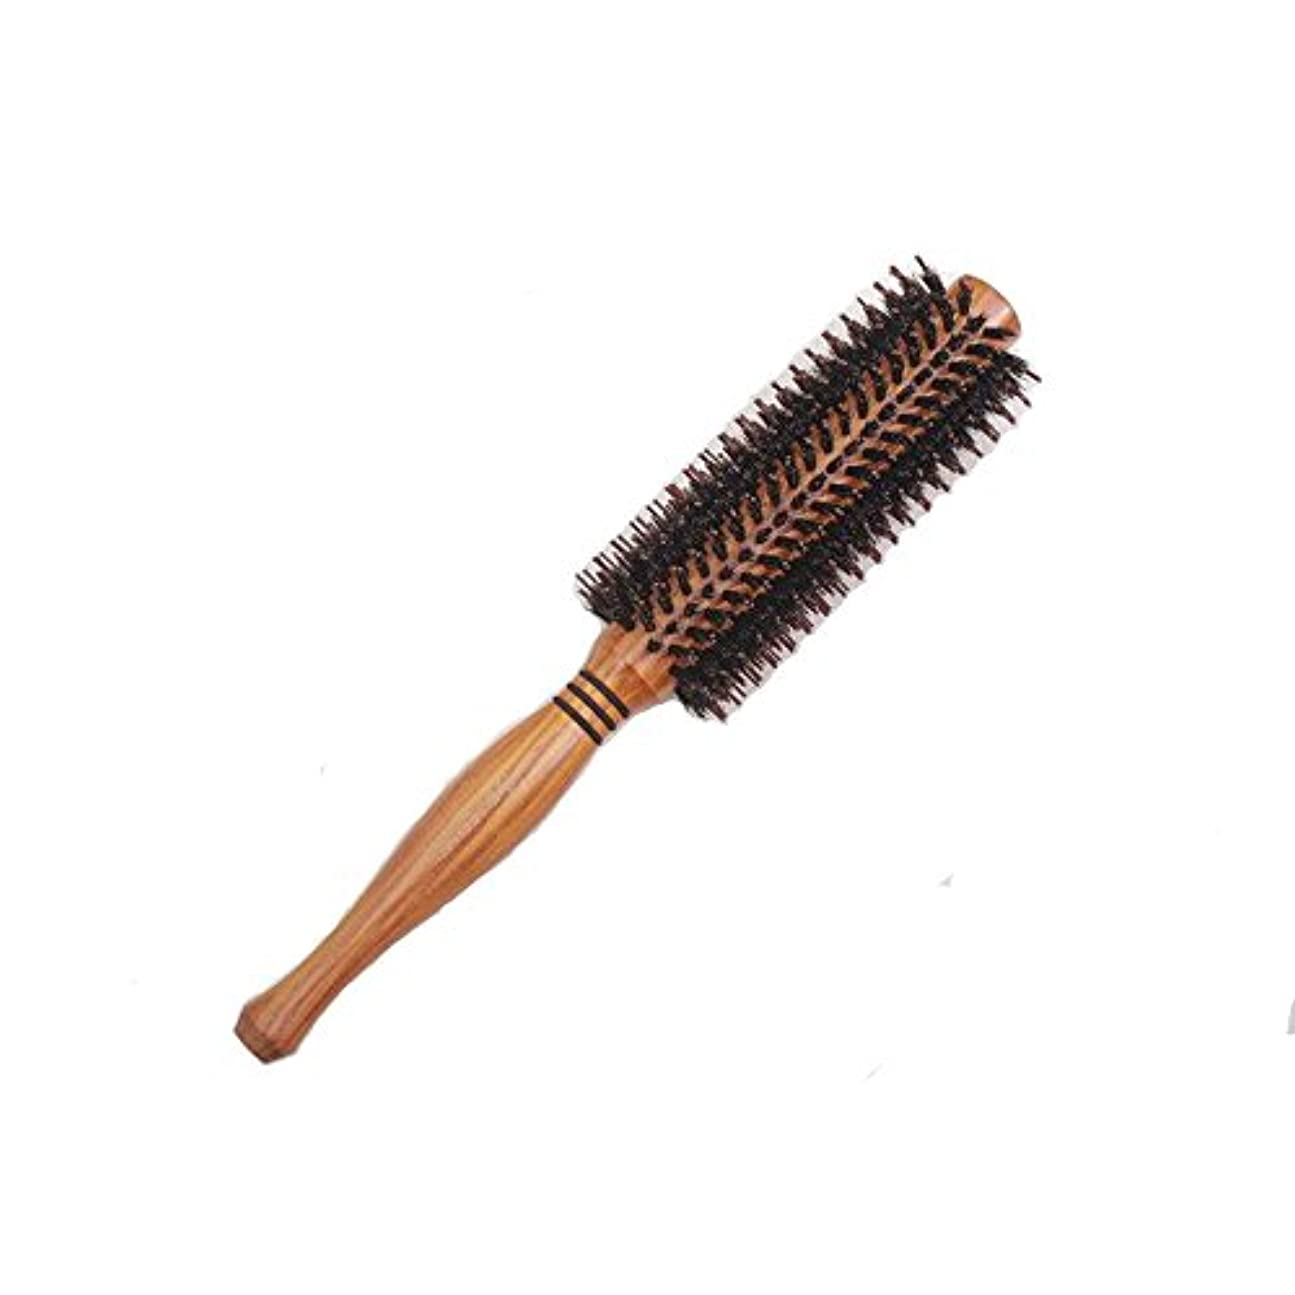 立場容量実際に天然ロールブラシ 豚毛 耐熱仕様 ブロー カール 巻き髪 ヘア ブラシ ロール